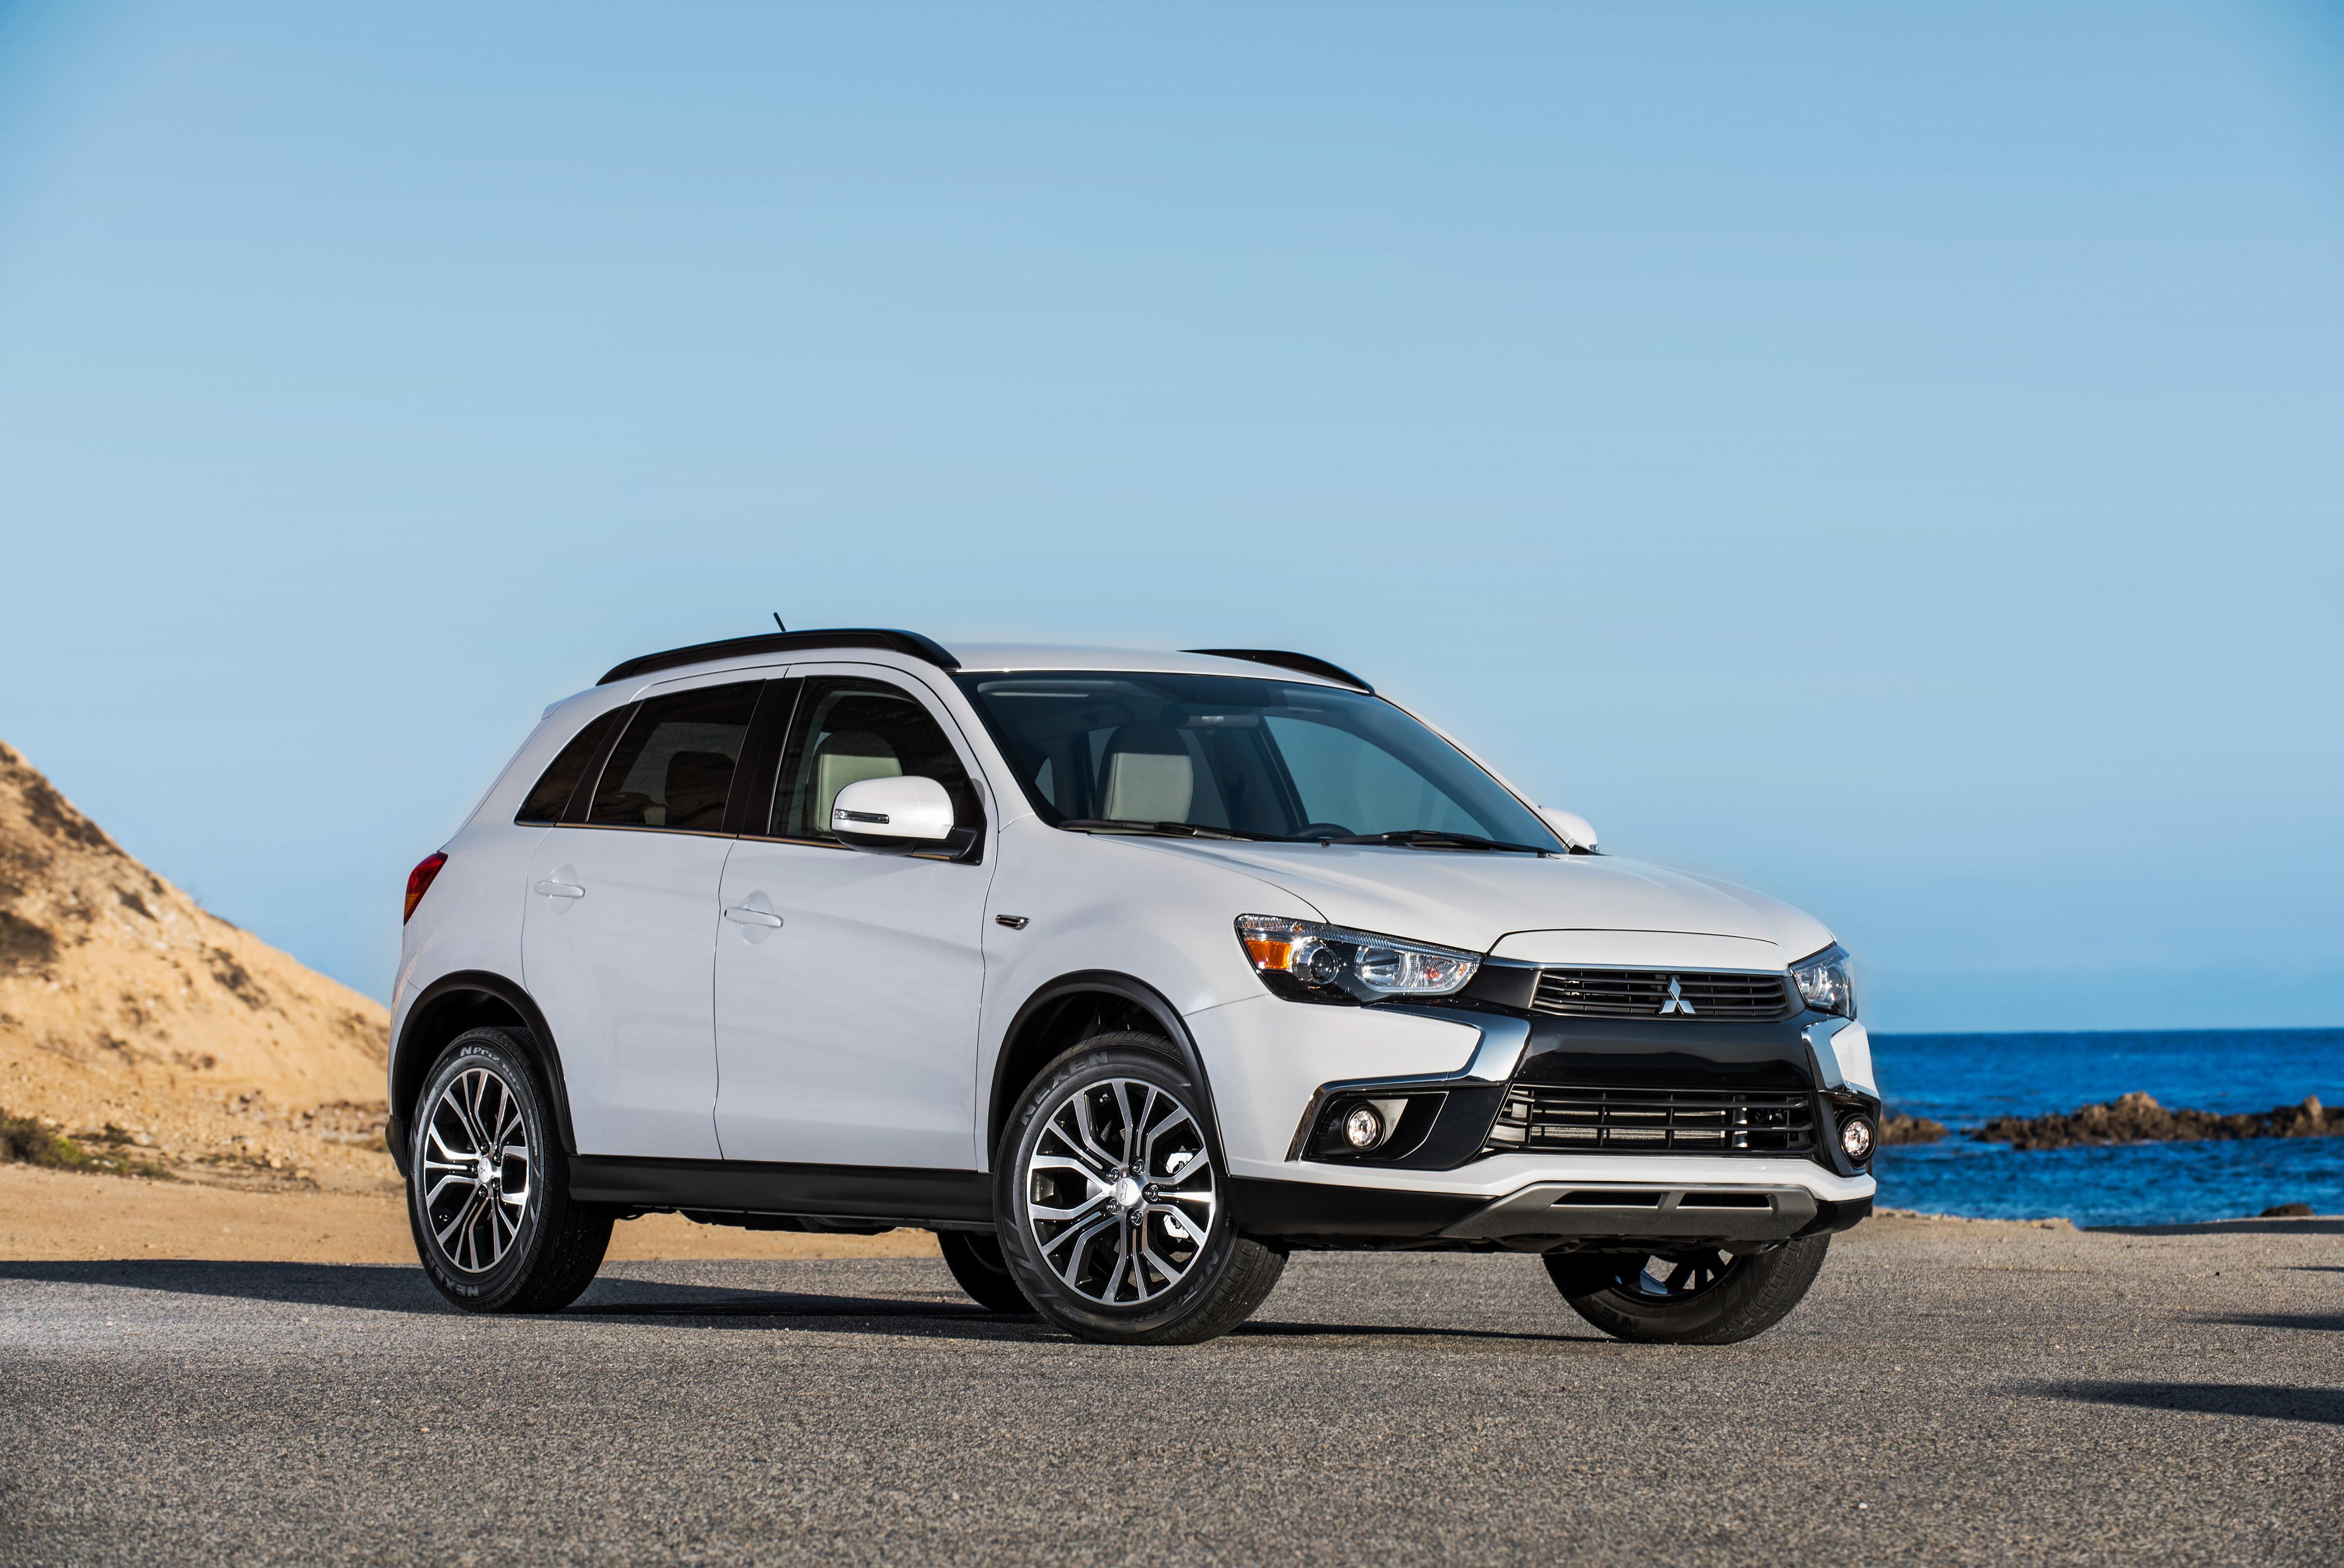 Mitsubishi Recalls Outlander Models for Door Latches